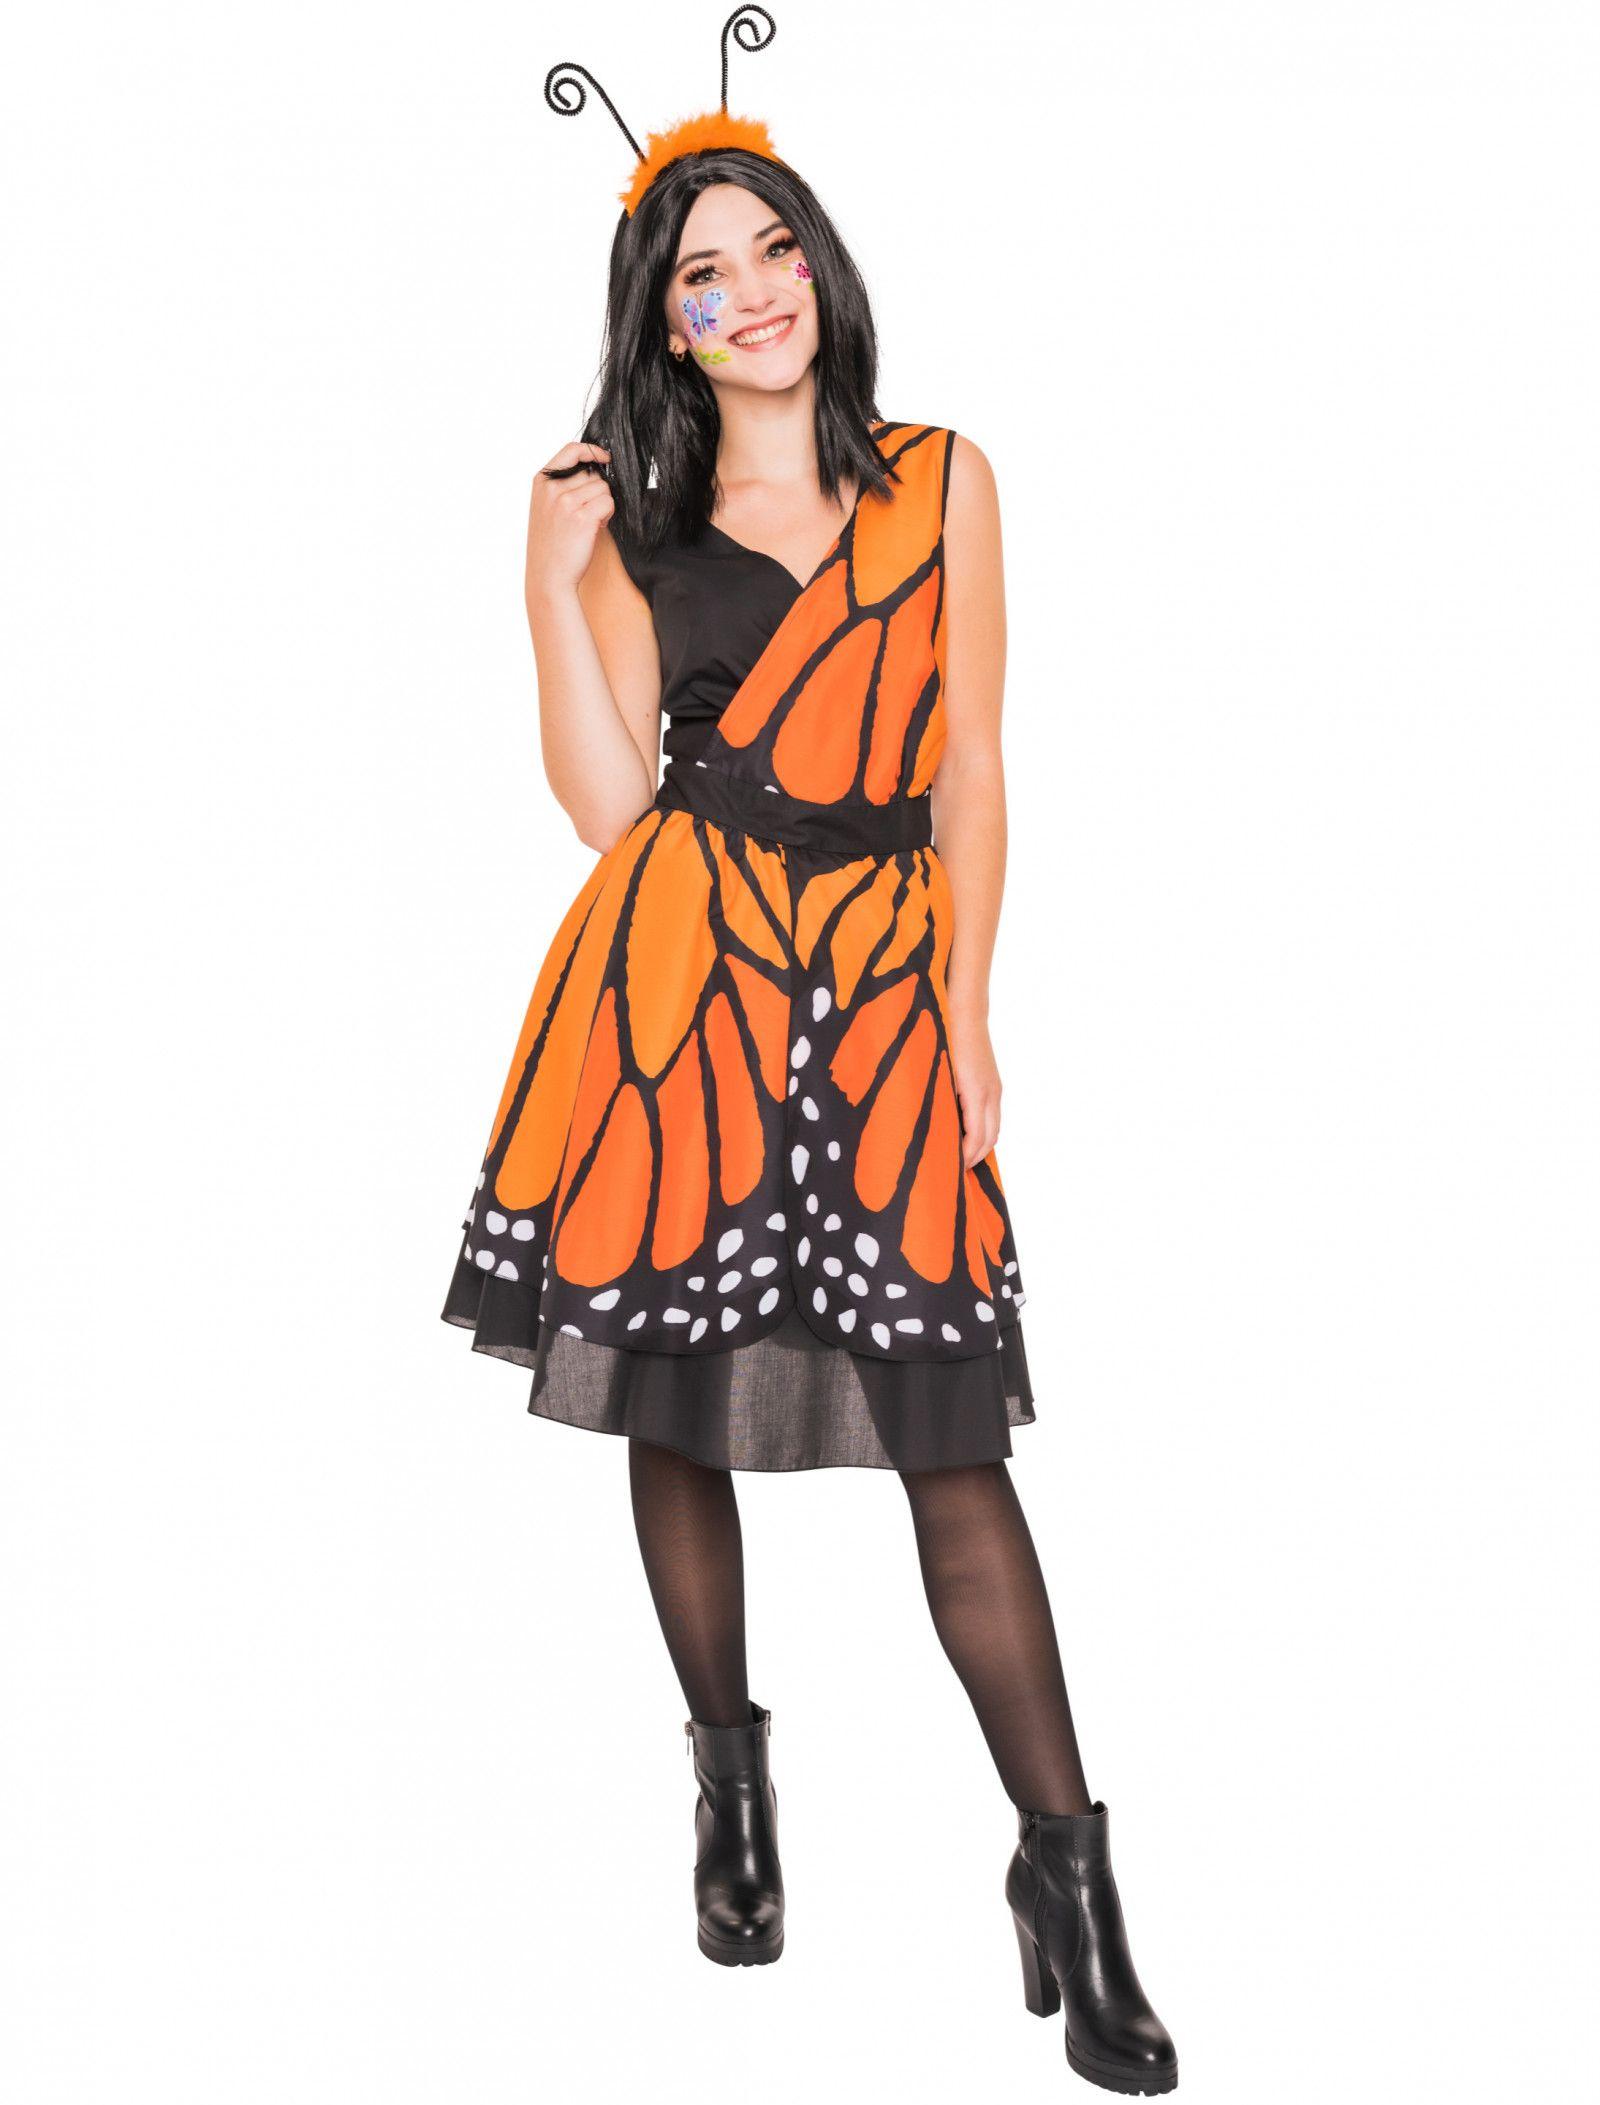 Dieses Schmetterling Kostum Bestehend Aus Einem Kleid In Orange Ist Perfekt Fur Karneval Und Fasching Das Kleid Ist Knielang Und Is Modestil Minikleid Kleider